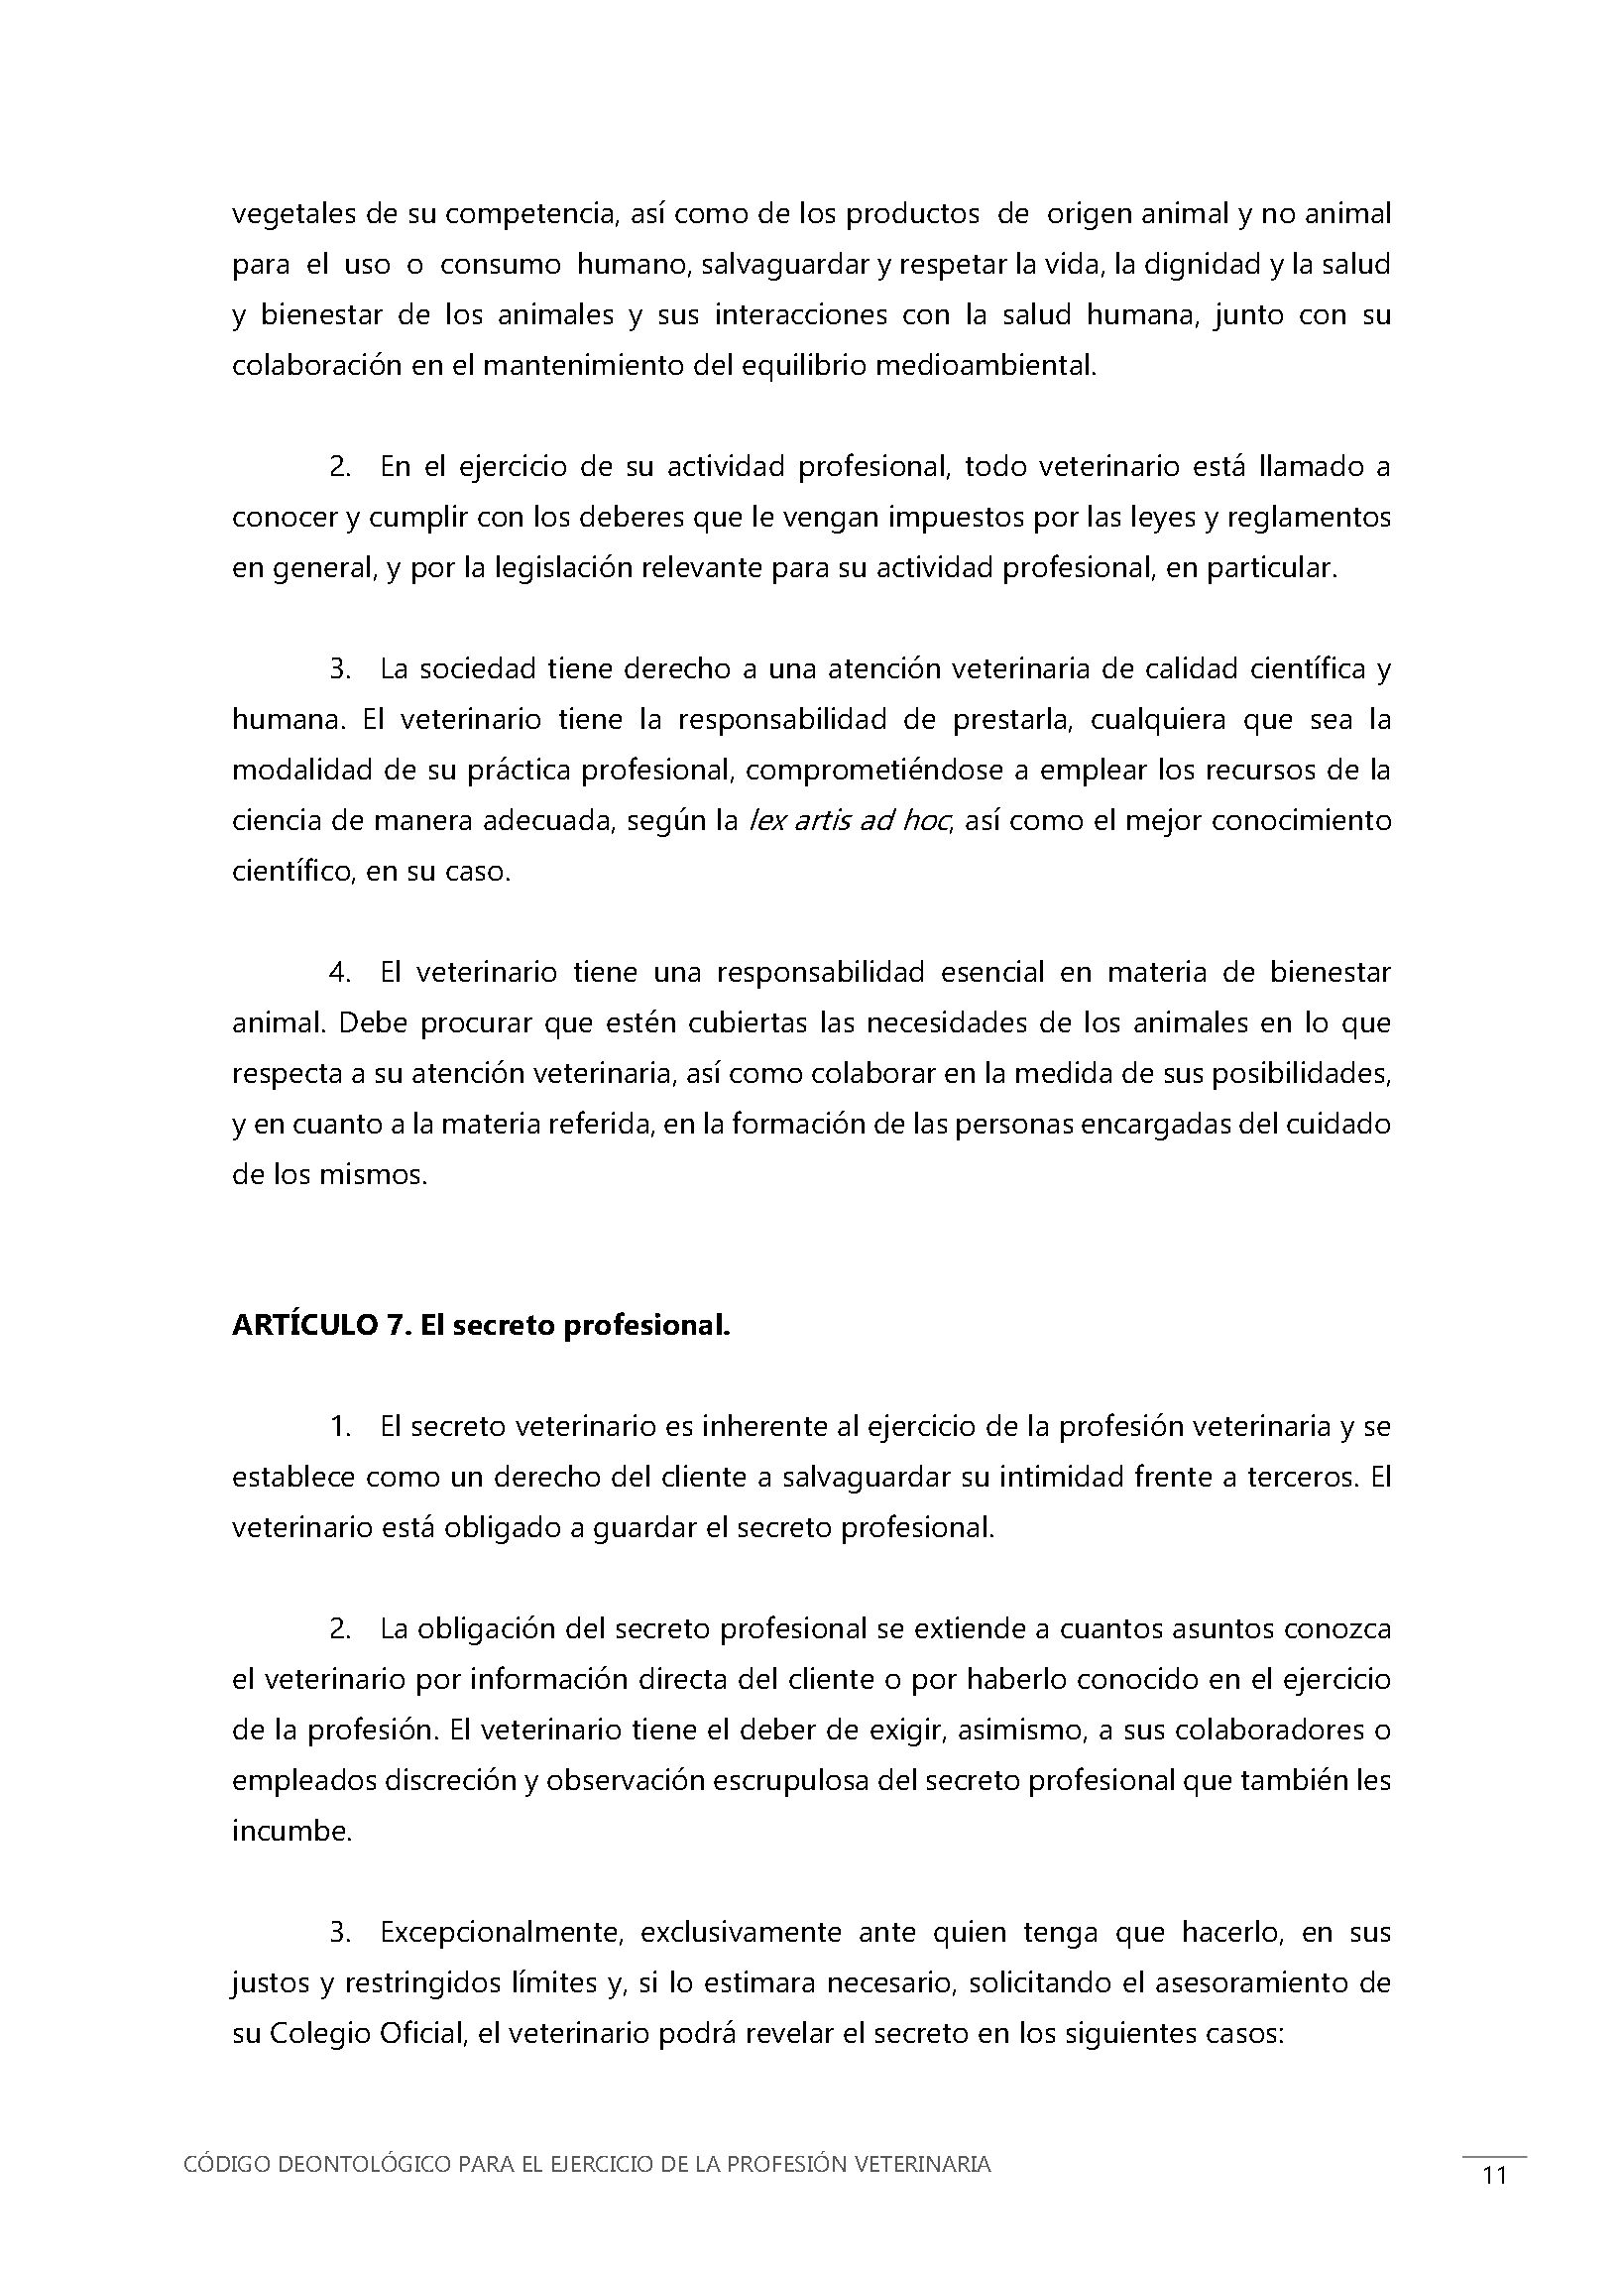 codigo deontológico dic 2018_Página_13